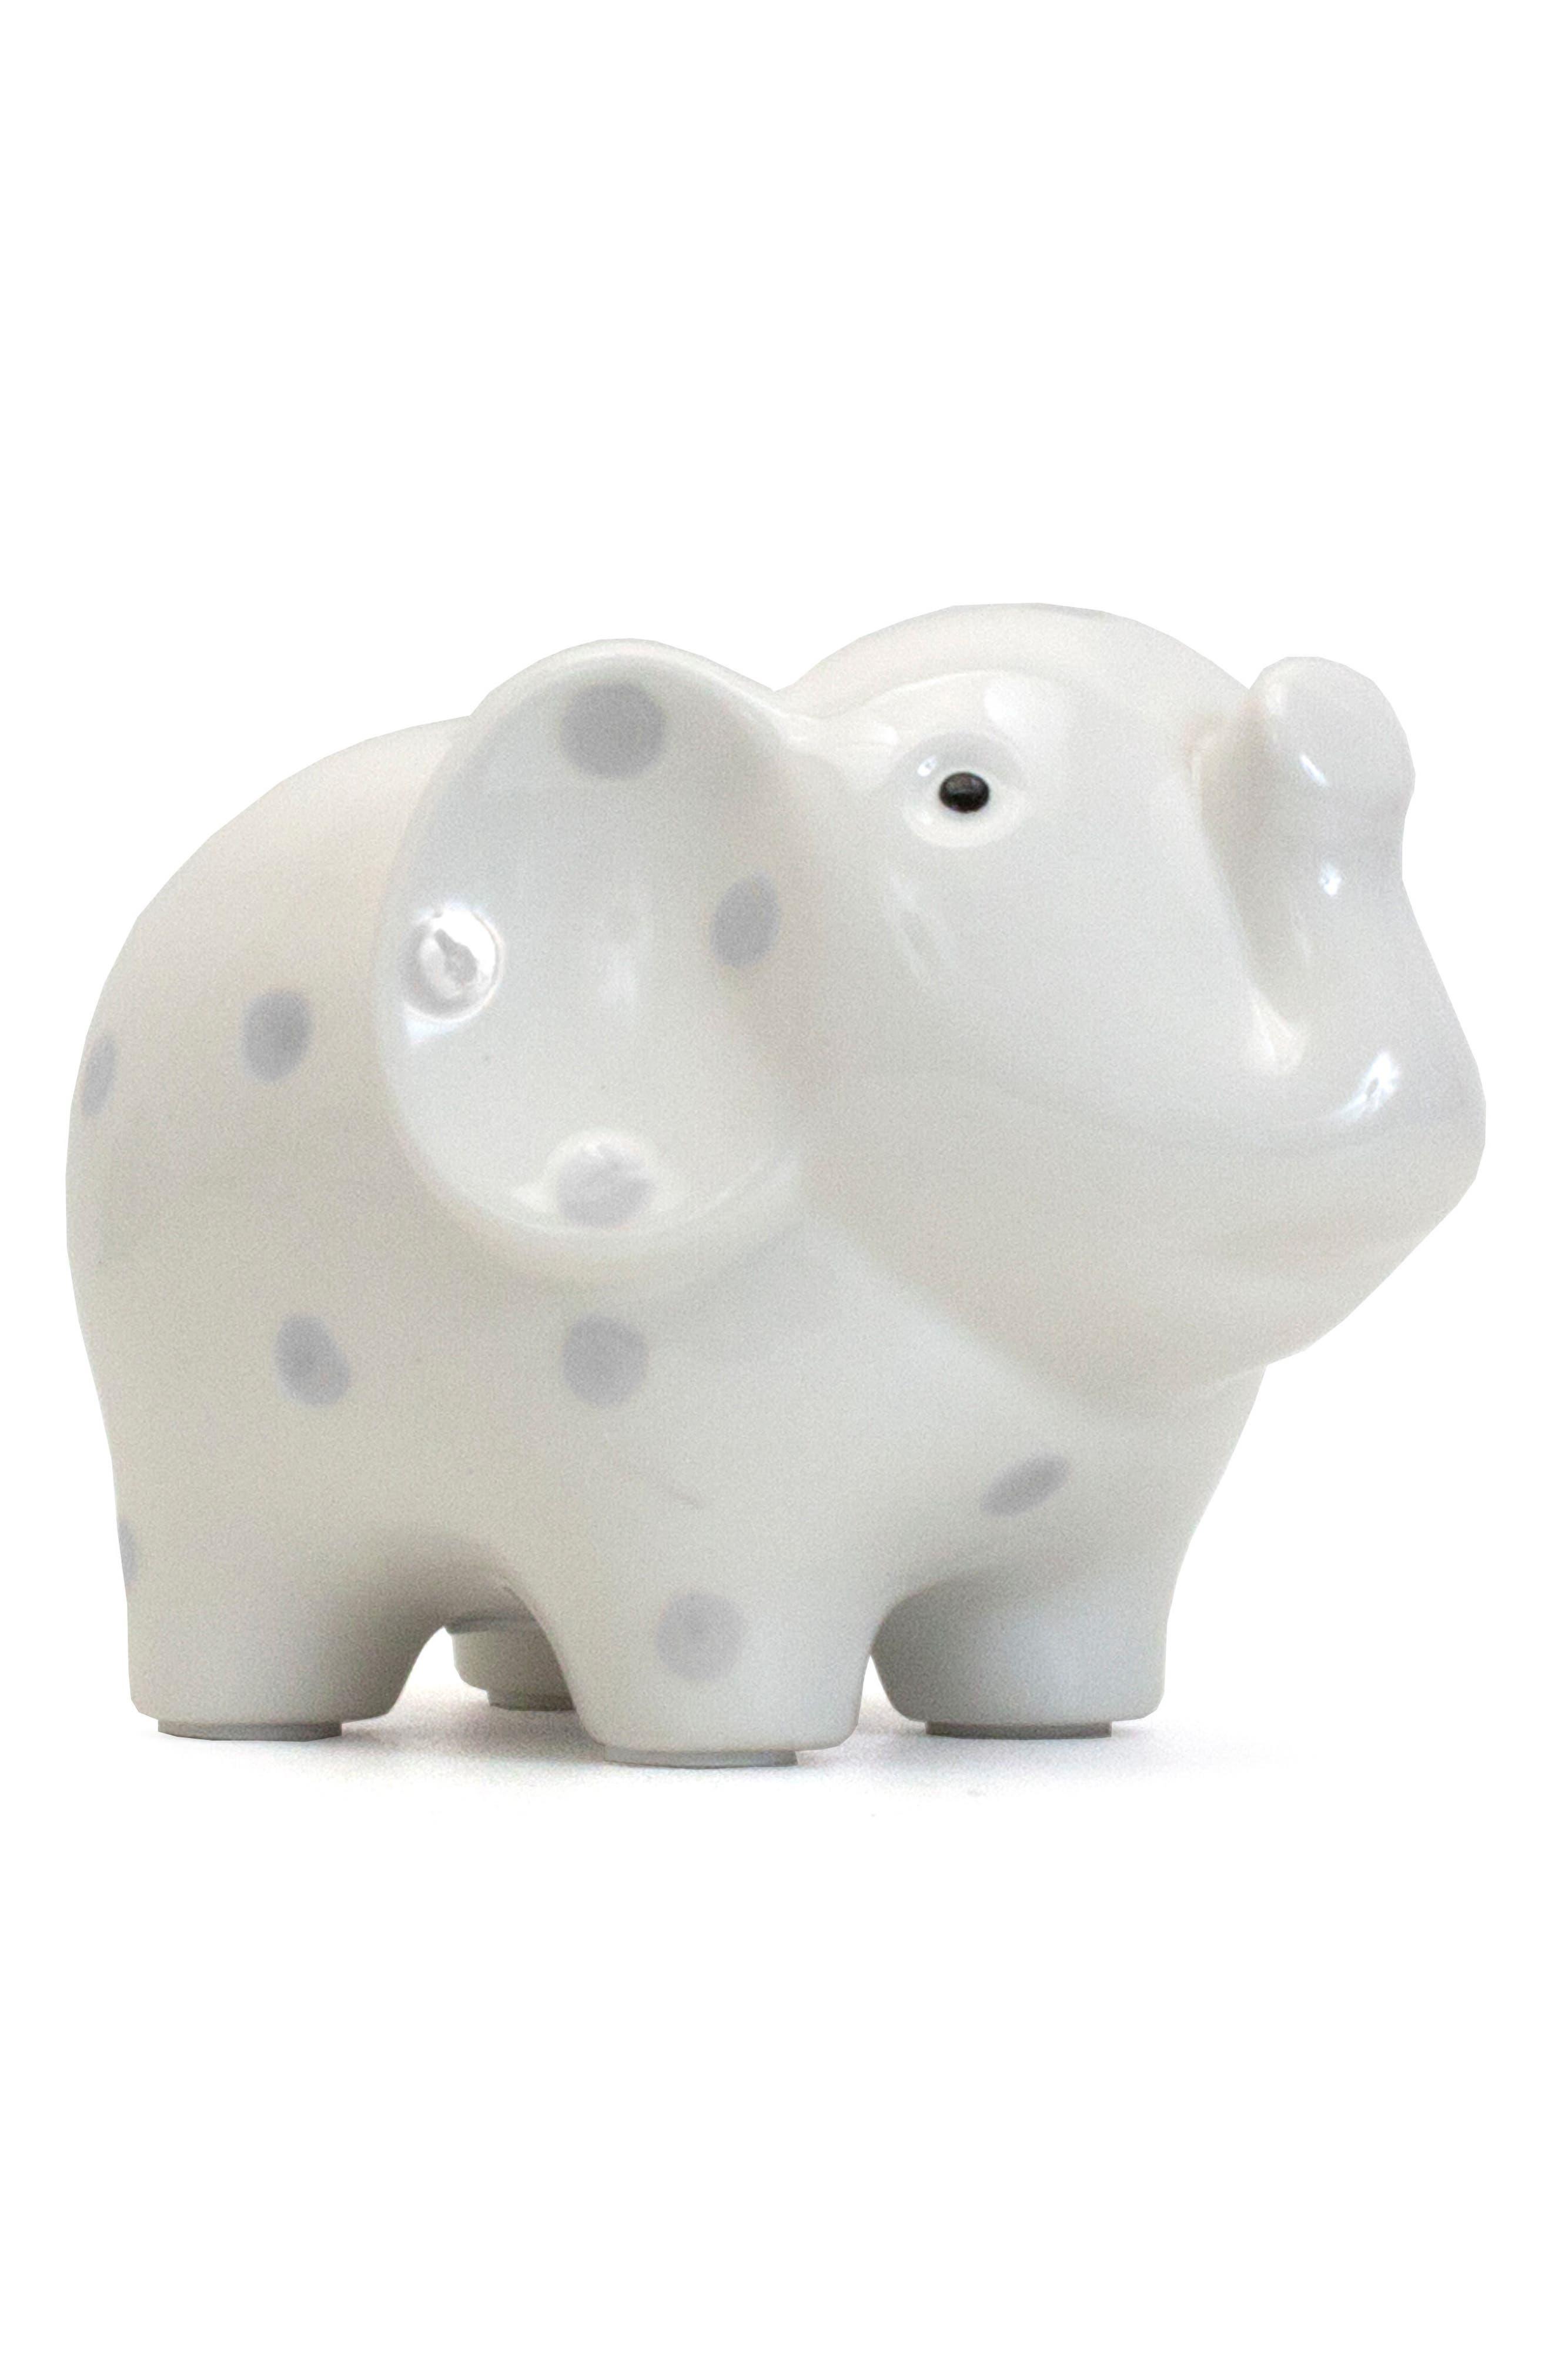 Polka Dot Elephant Bank,                         Main,                         color, 020